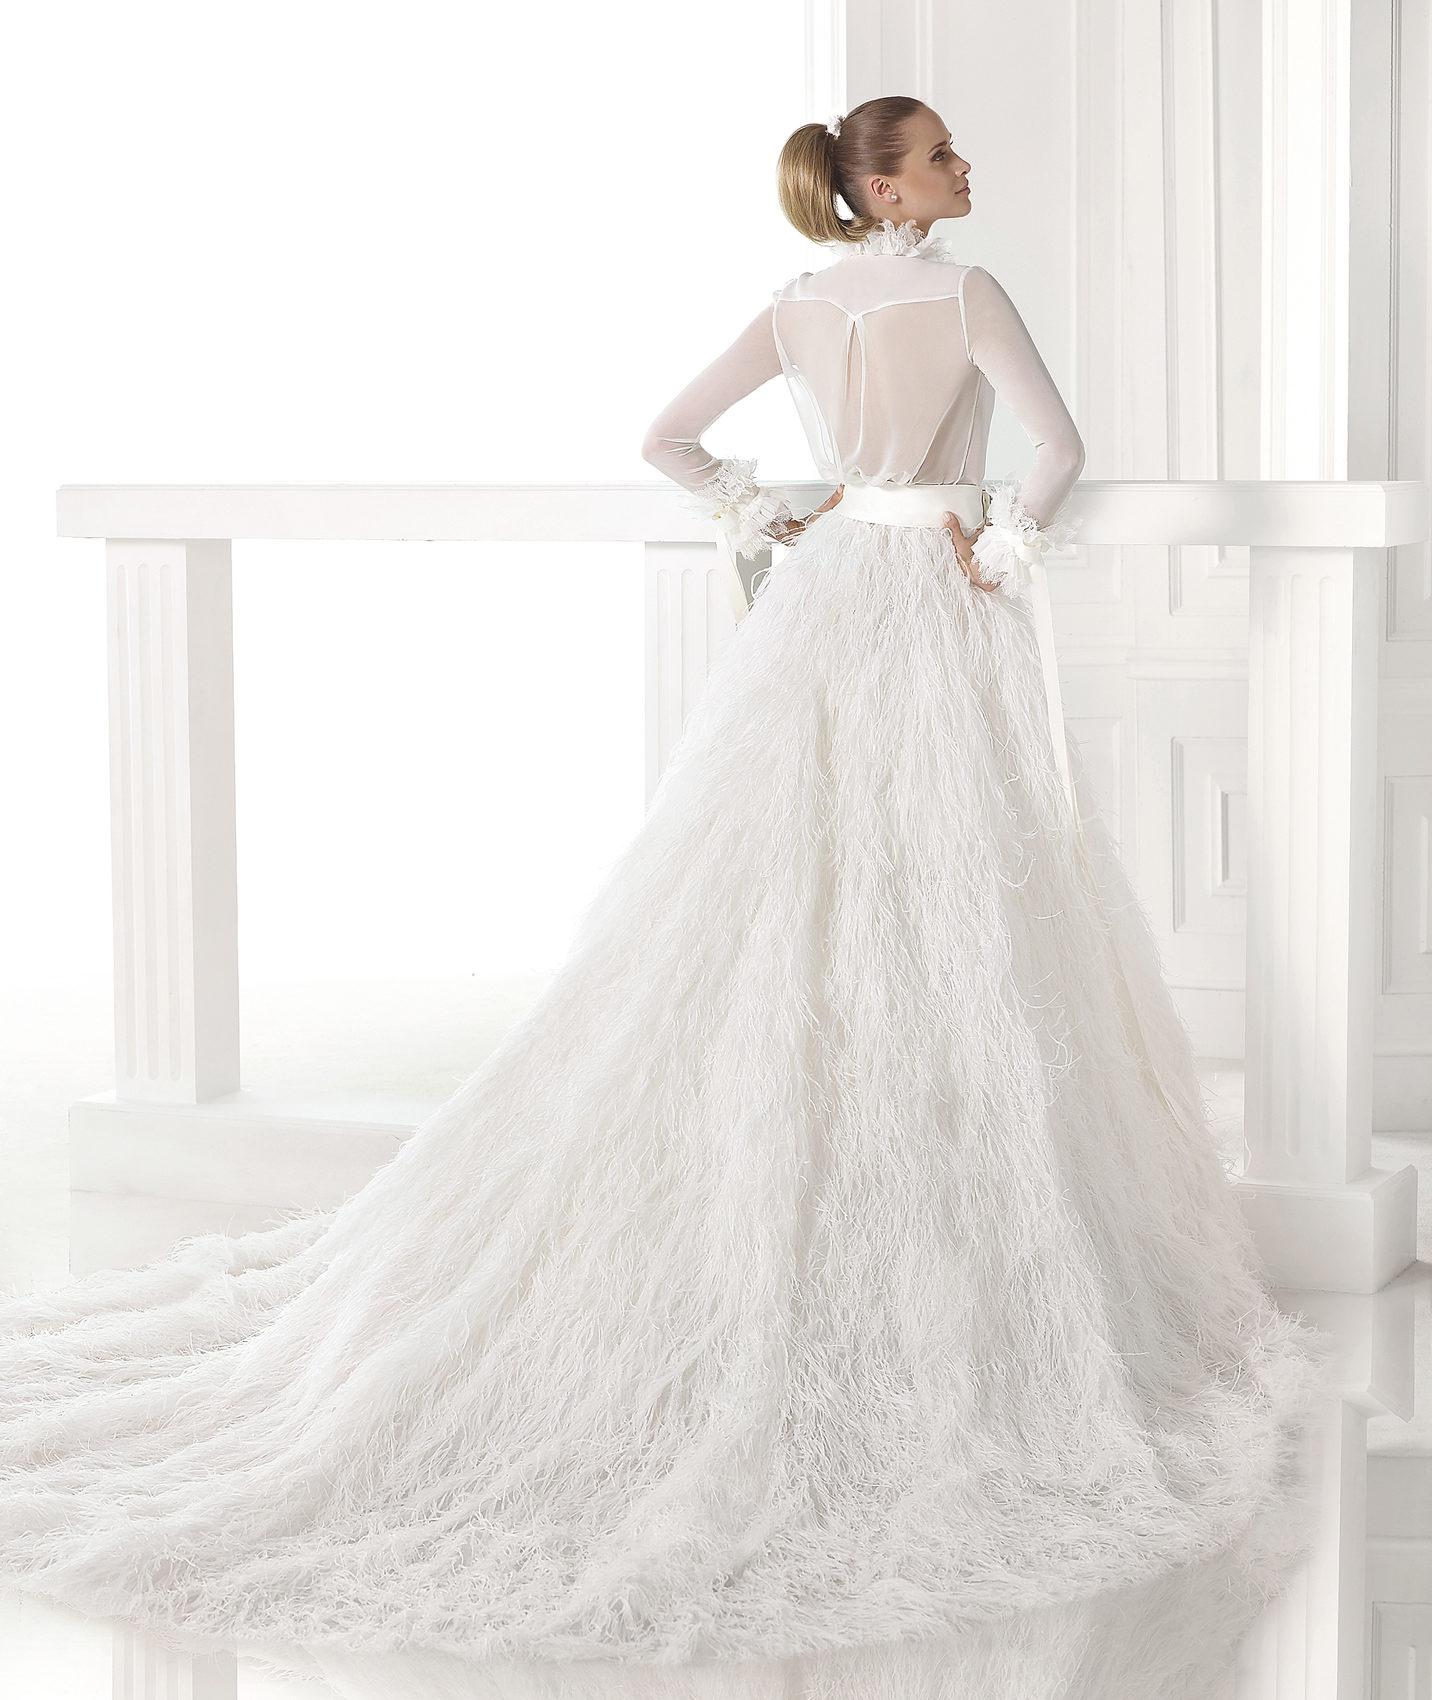 Svatební šaty Pronovias z kolekce S/S 2015 a jednoduchý svatební účes s copem.